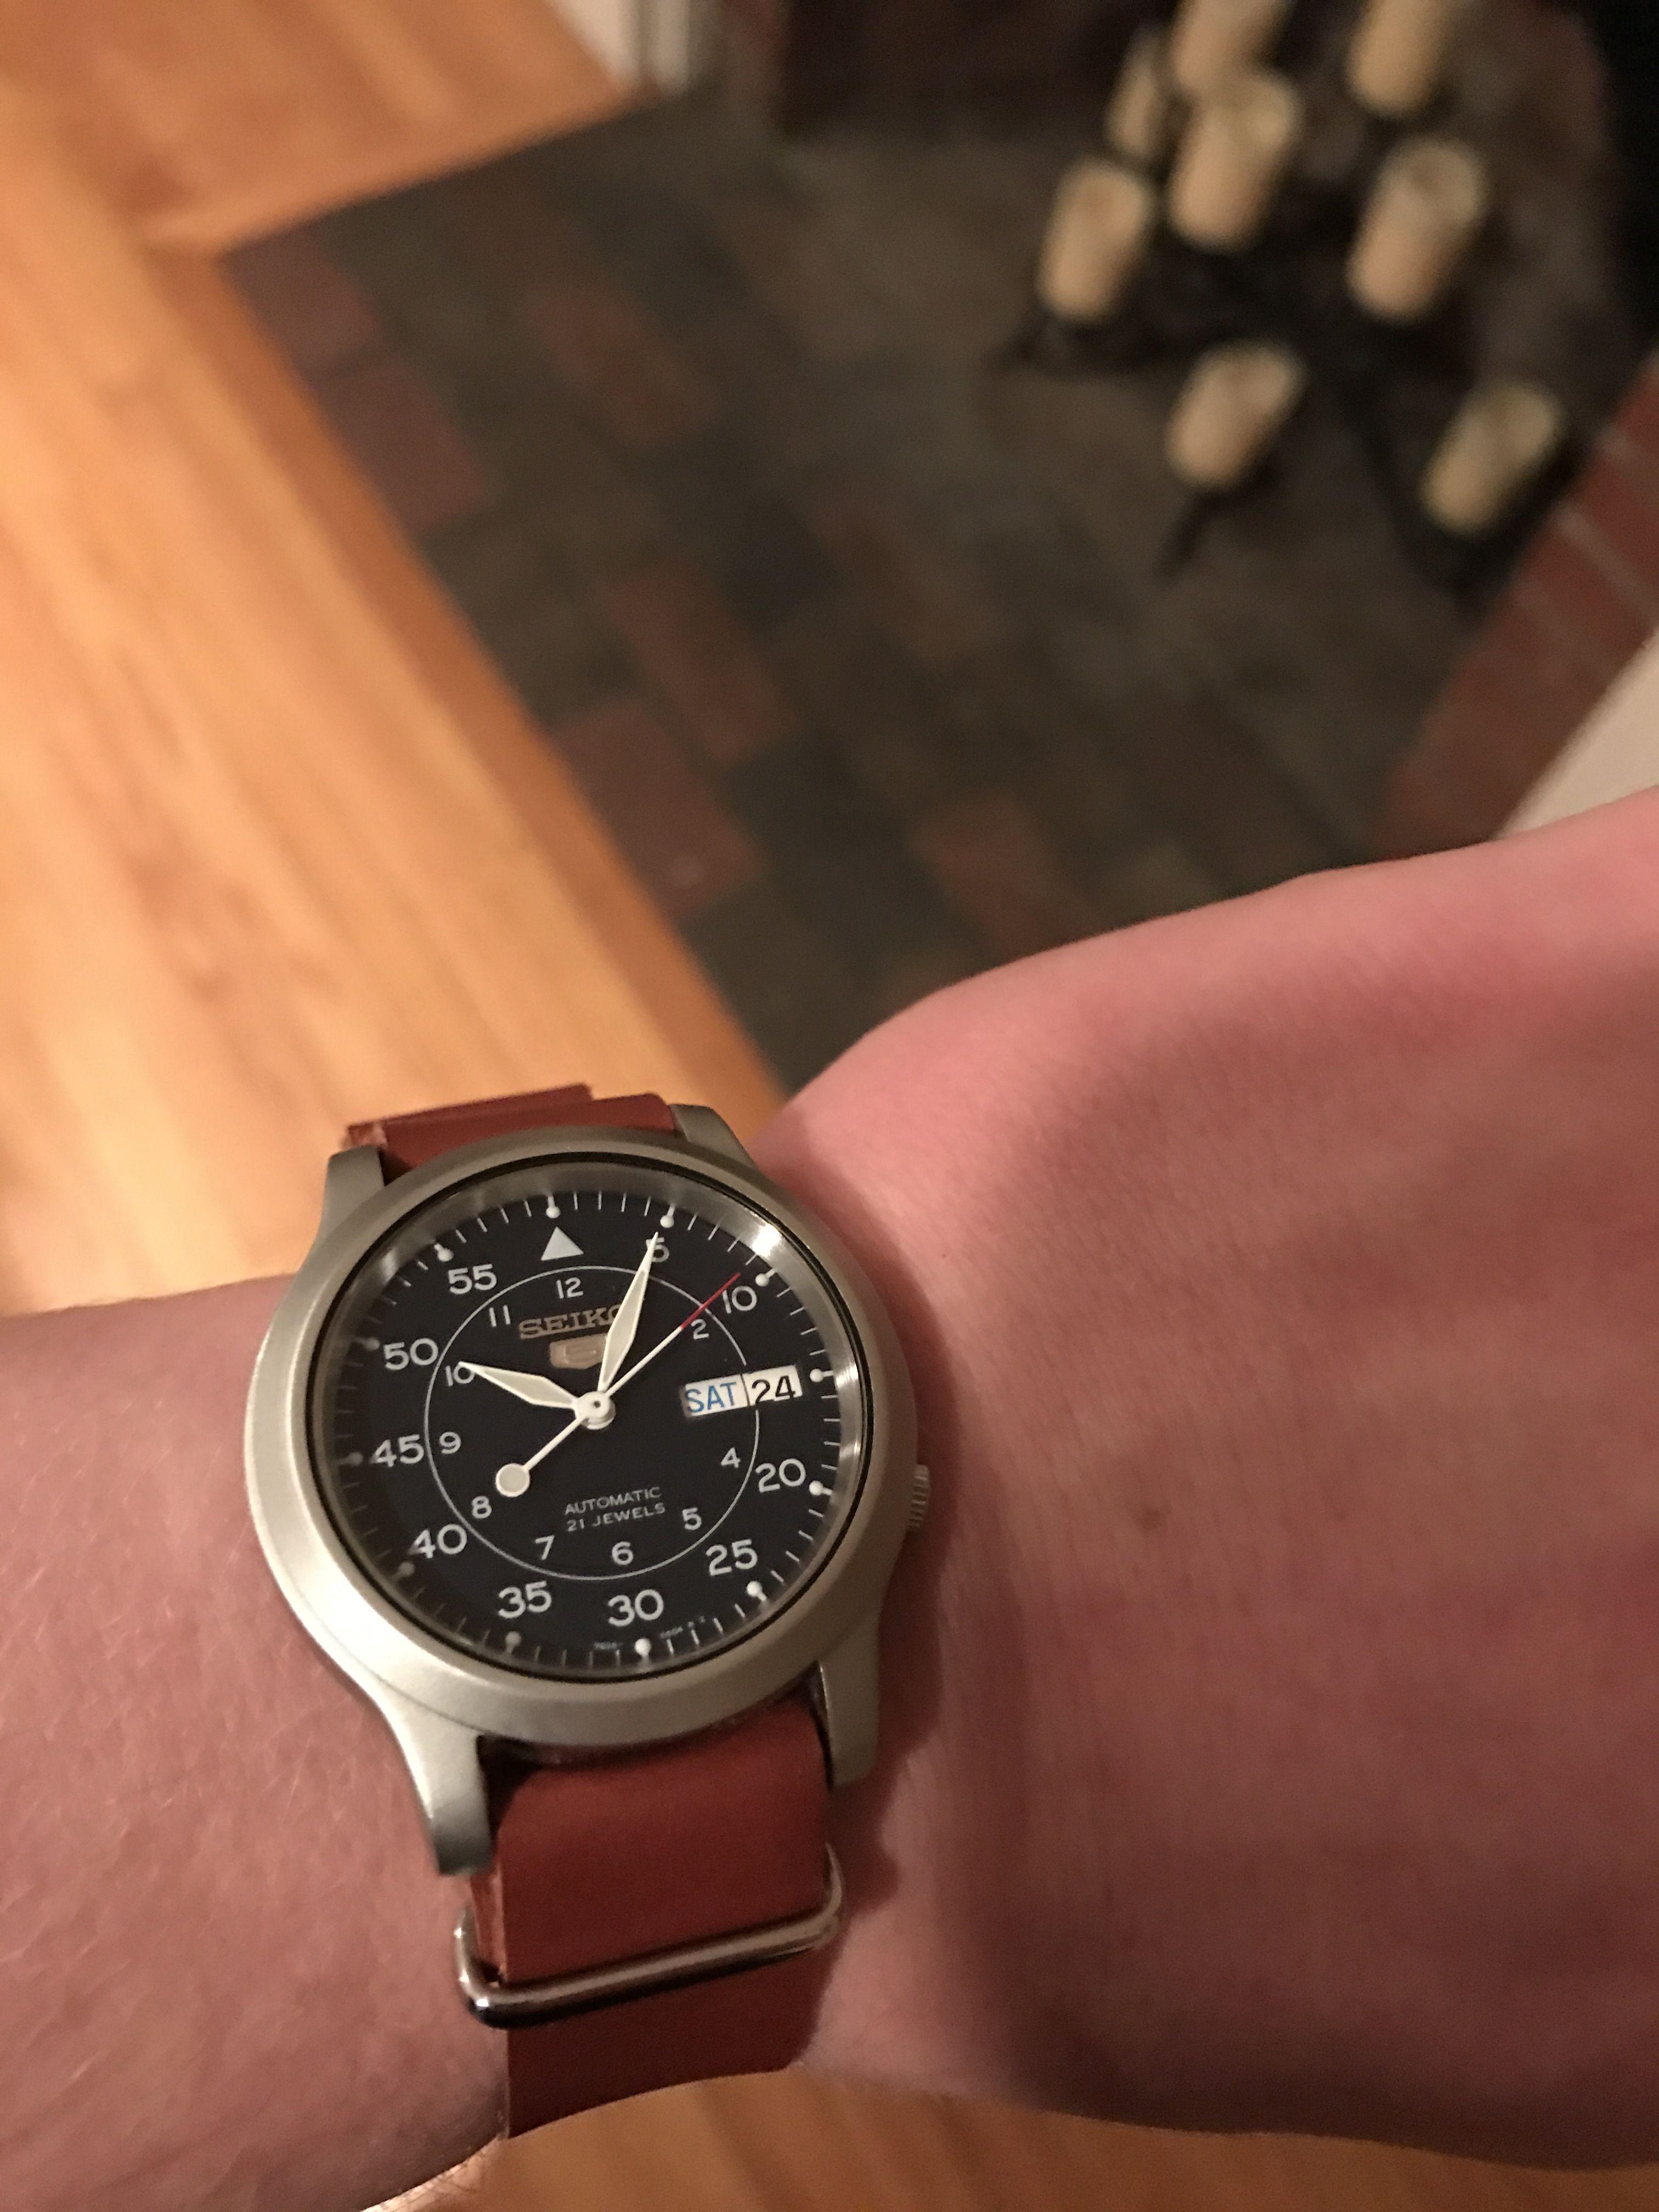 e882f97fe Seiko 5 with leather NATO | Watches in 2019 | Seiko snk809, Seiko ...